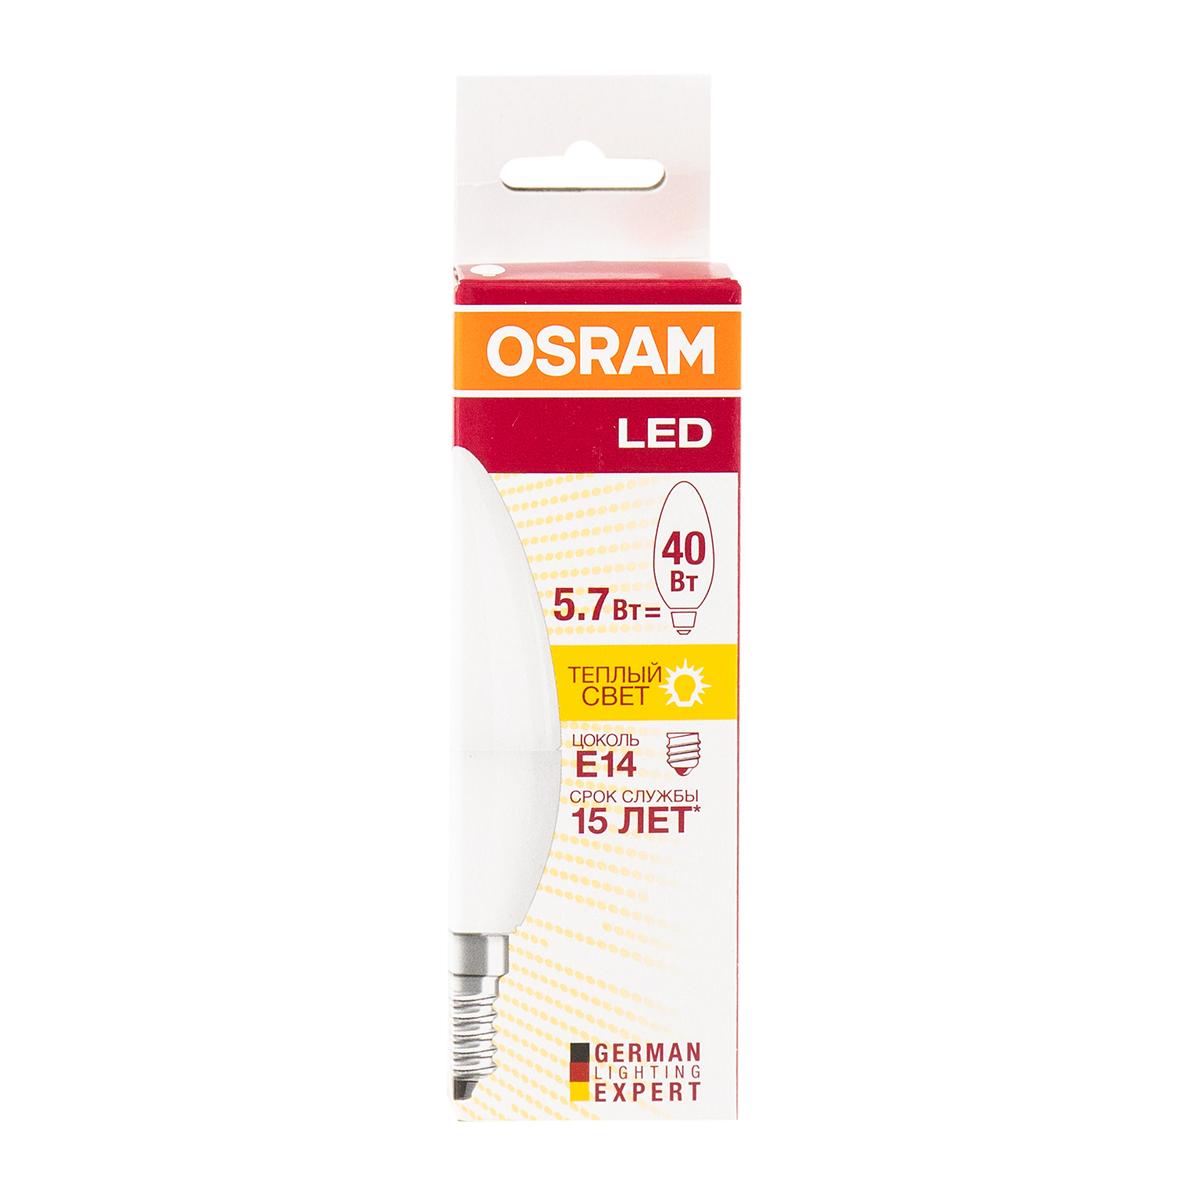 Osram LED, 5,4W, E14